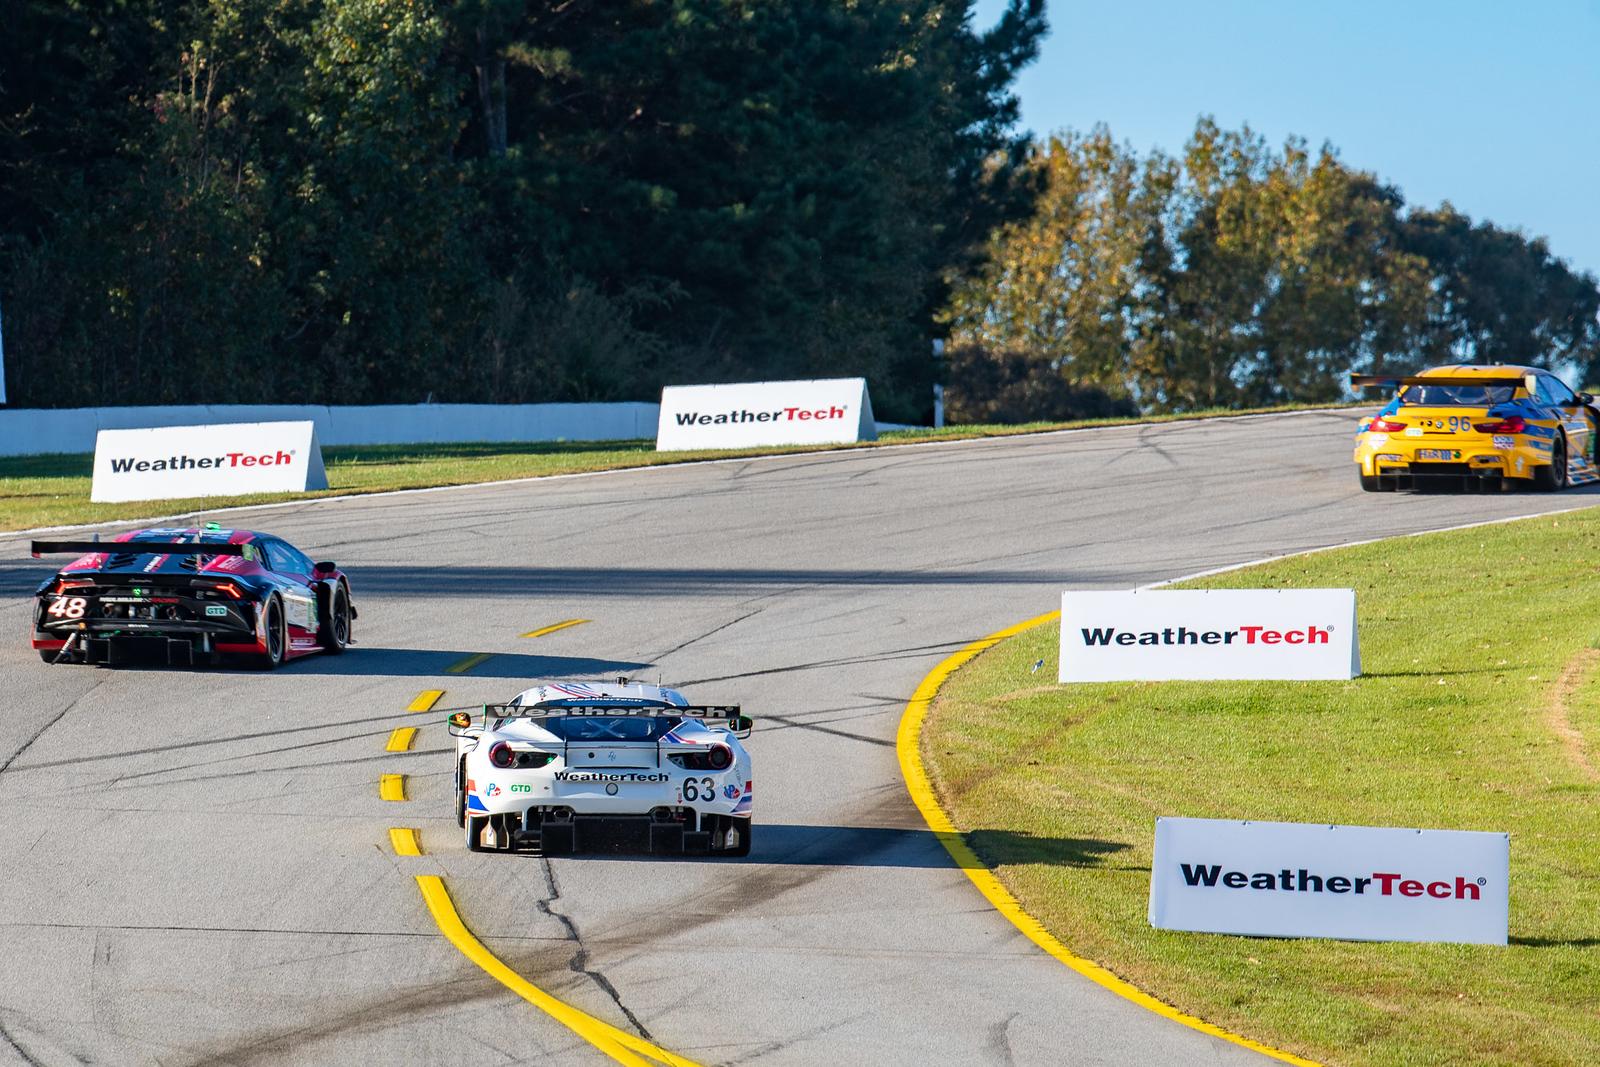 Car racing up a turn.